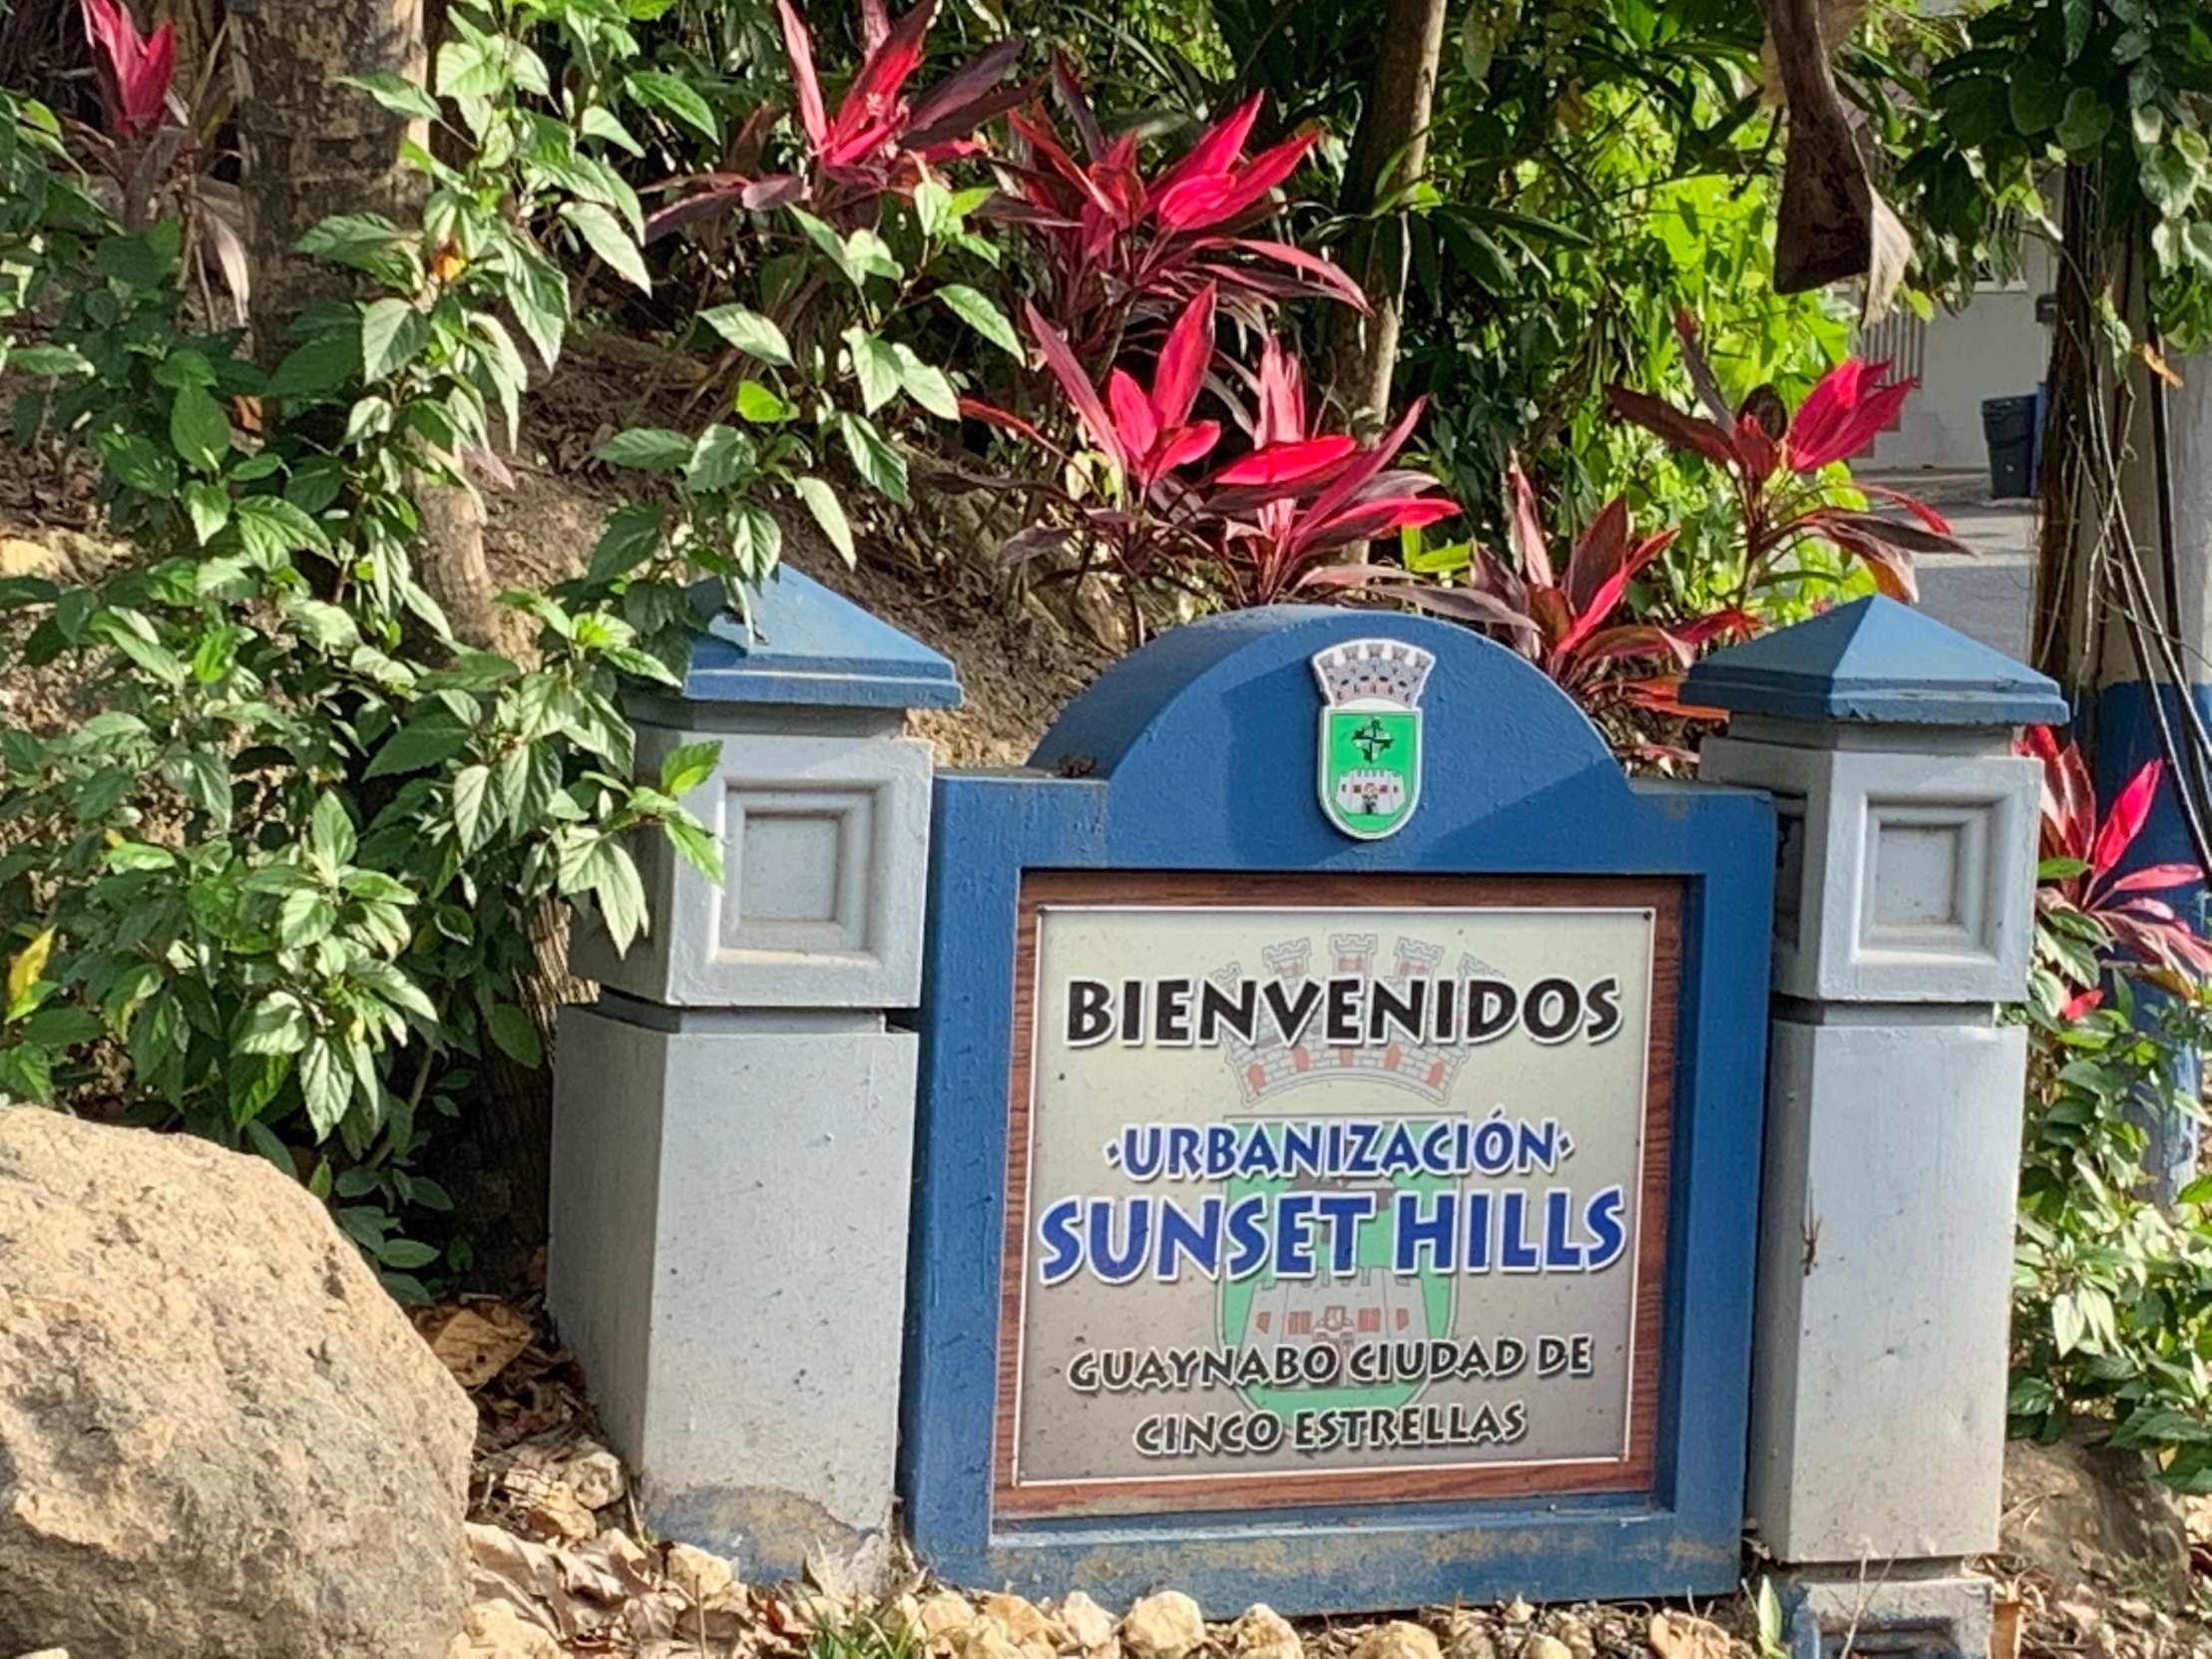 Calle 32 Sunset Hills Guaynabo, PR 00926